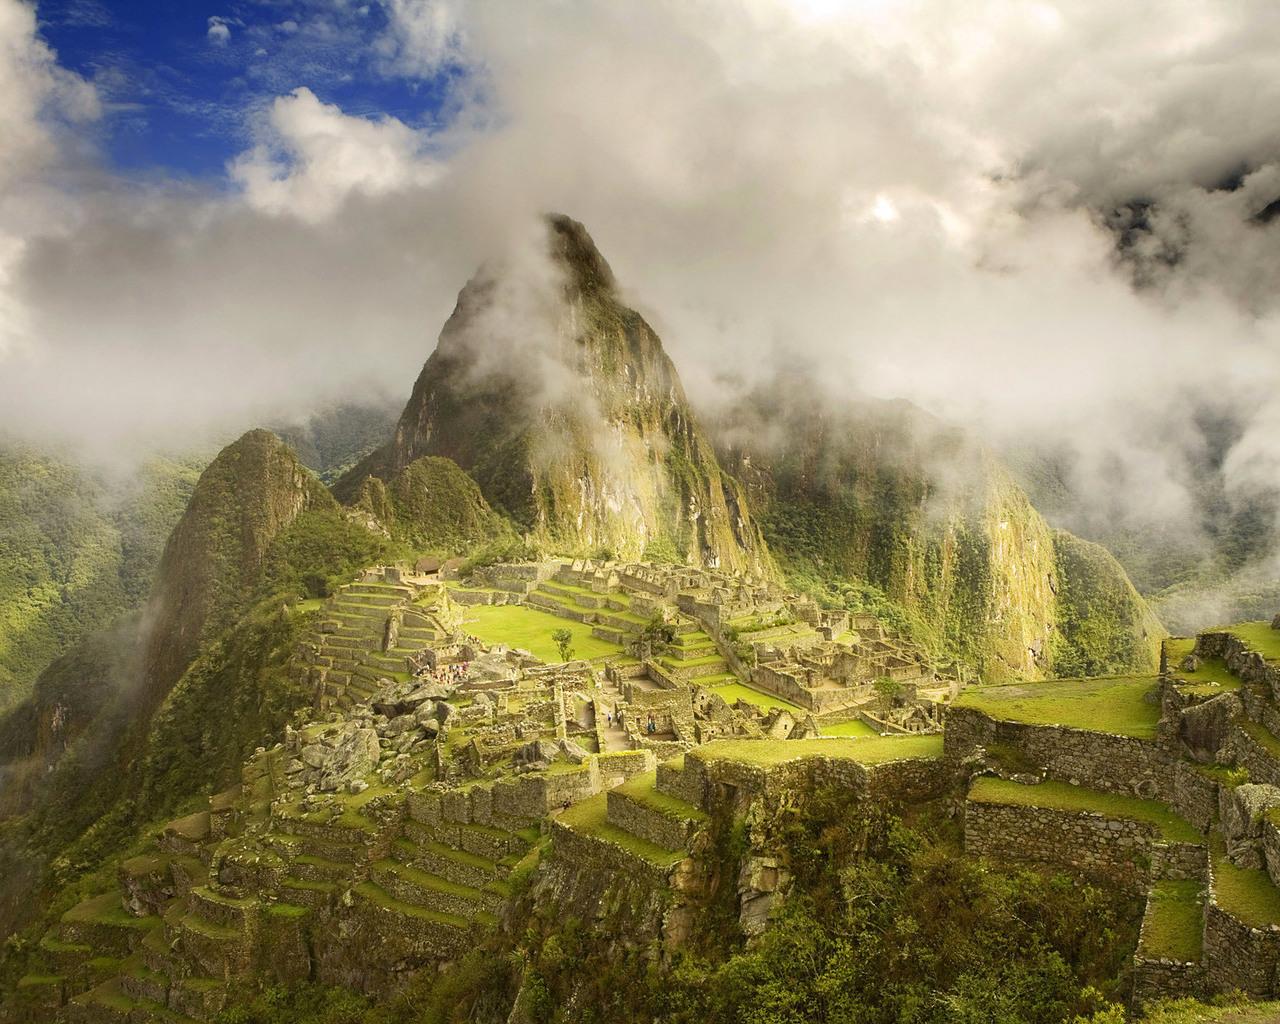 этого картинки цивилизация и природа минимальном уходе